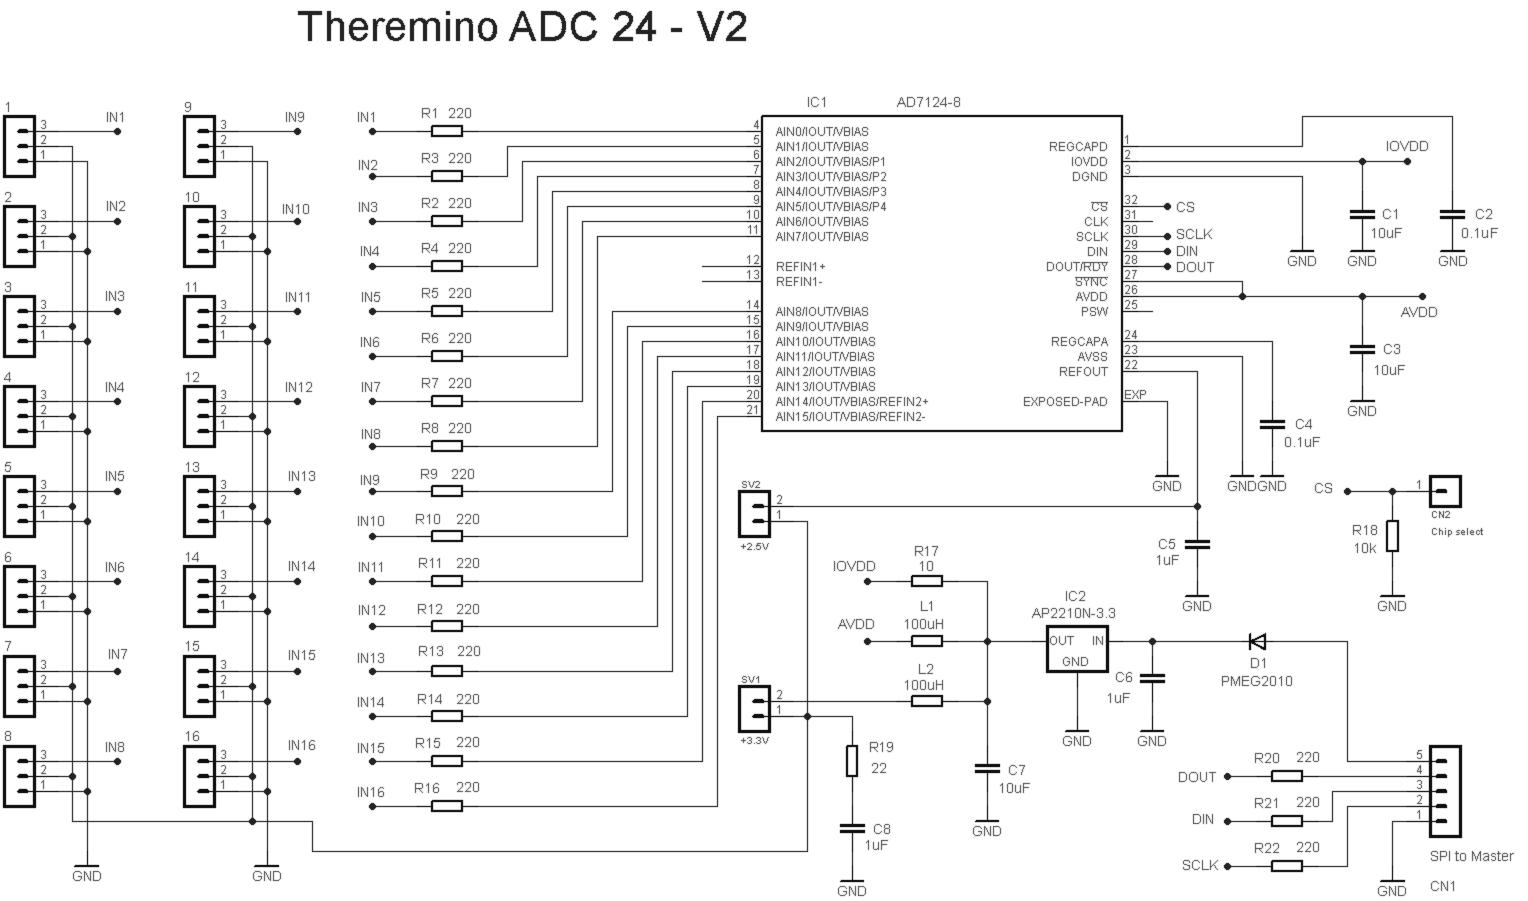 Theremino - ADC 24 bit